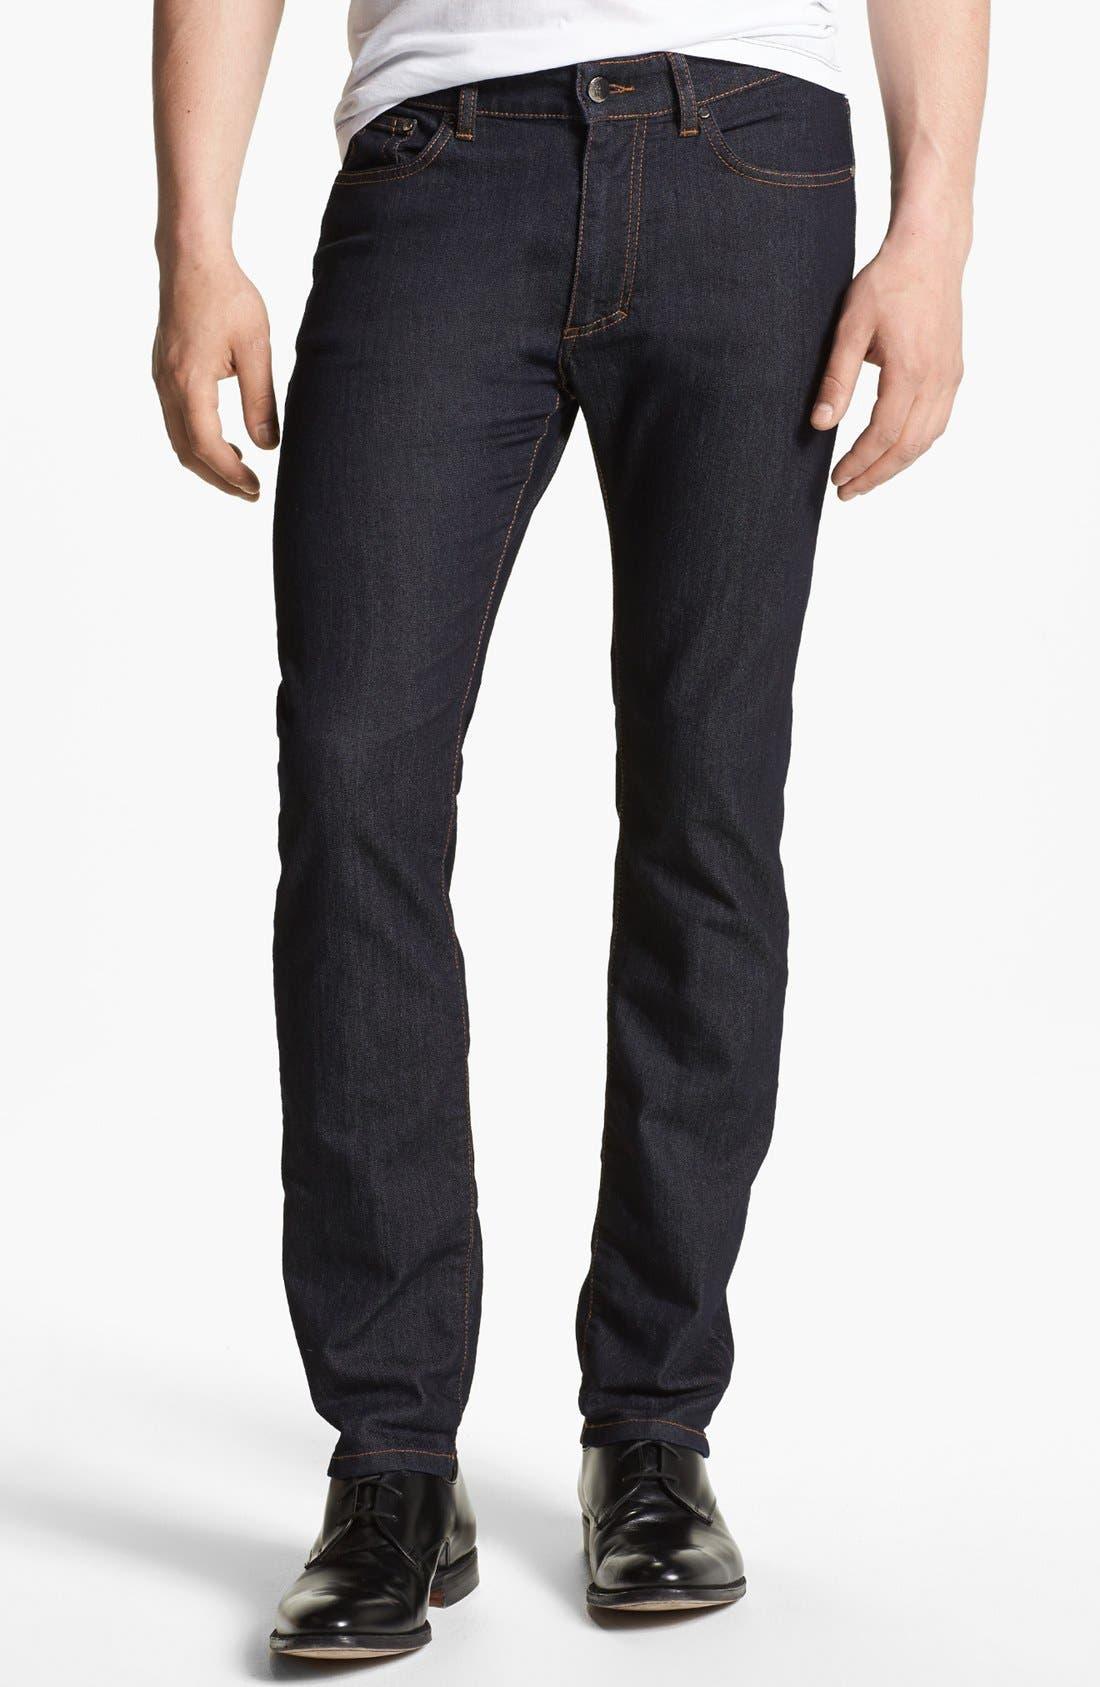 Alternate Image 1 Selected - Versace 'Medusa' Slim Fit Jeans (Dark Navy)